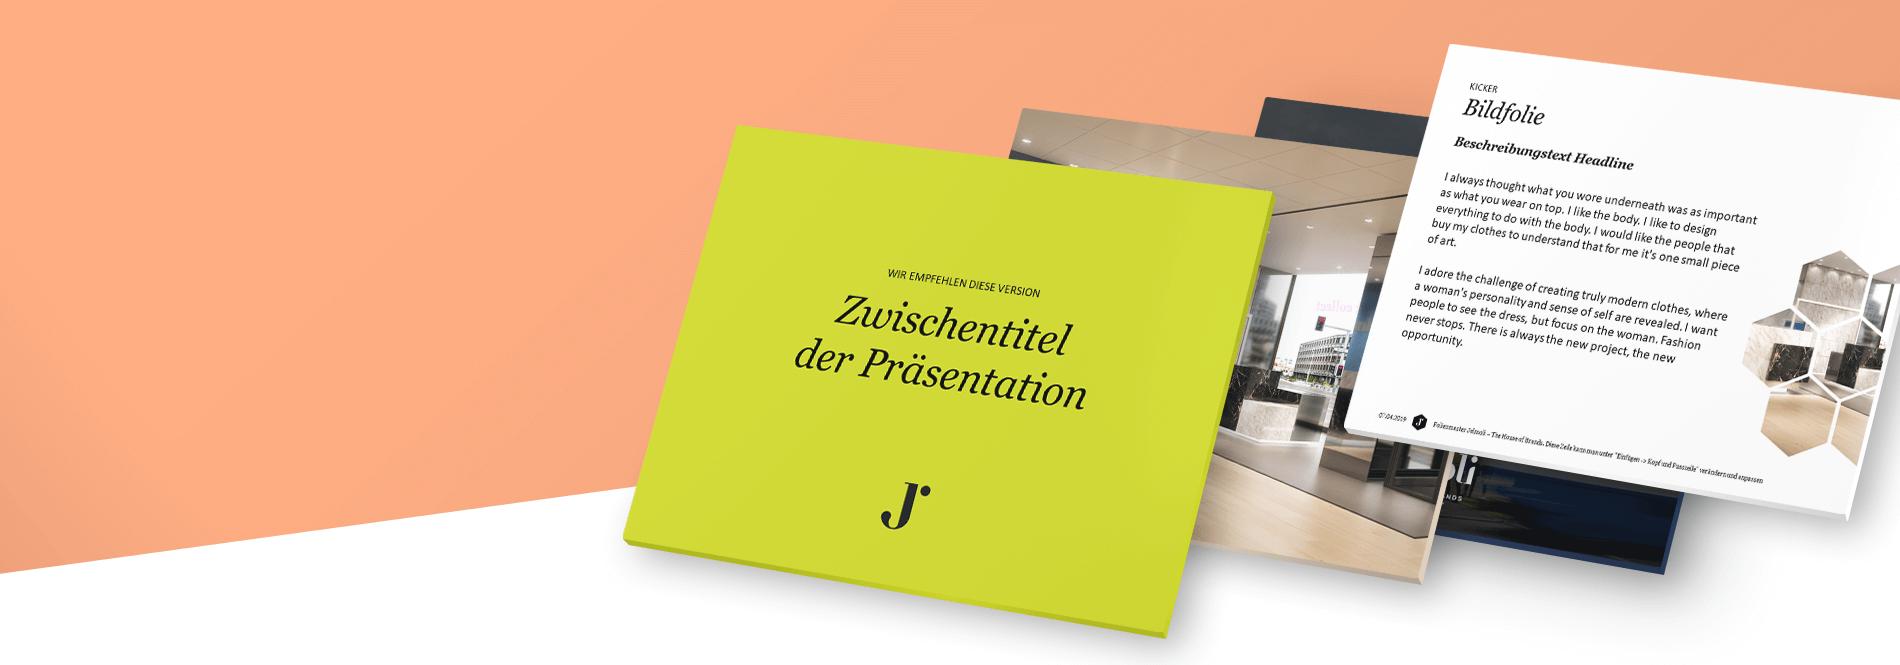 PowerPoint-Praesentation-Master